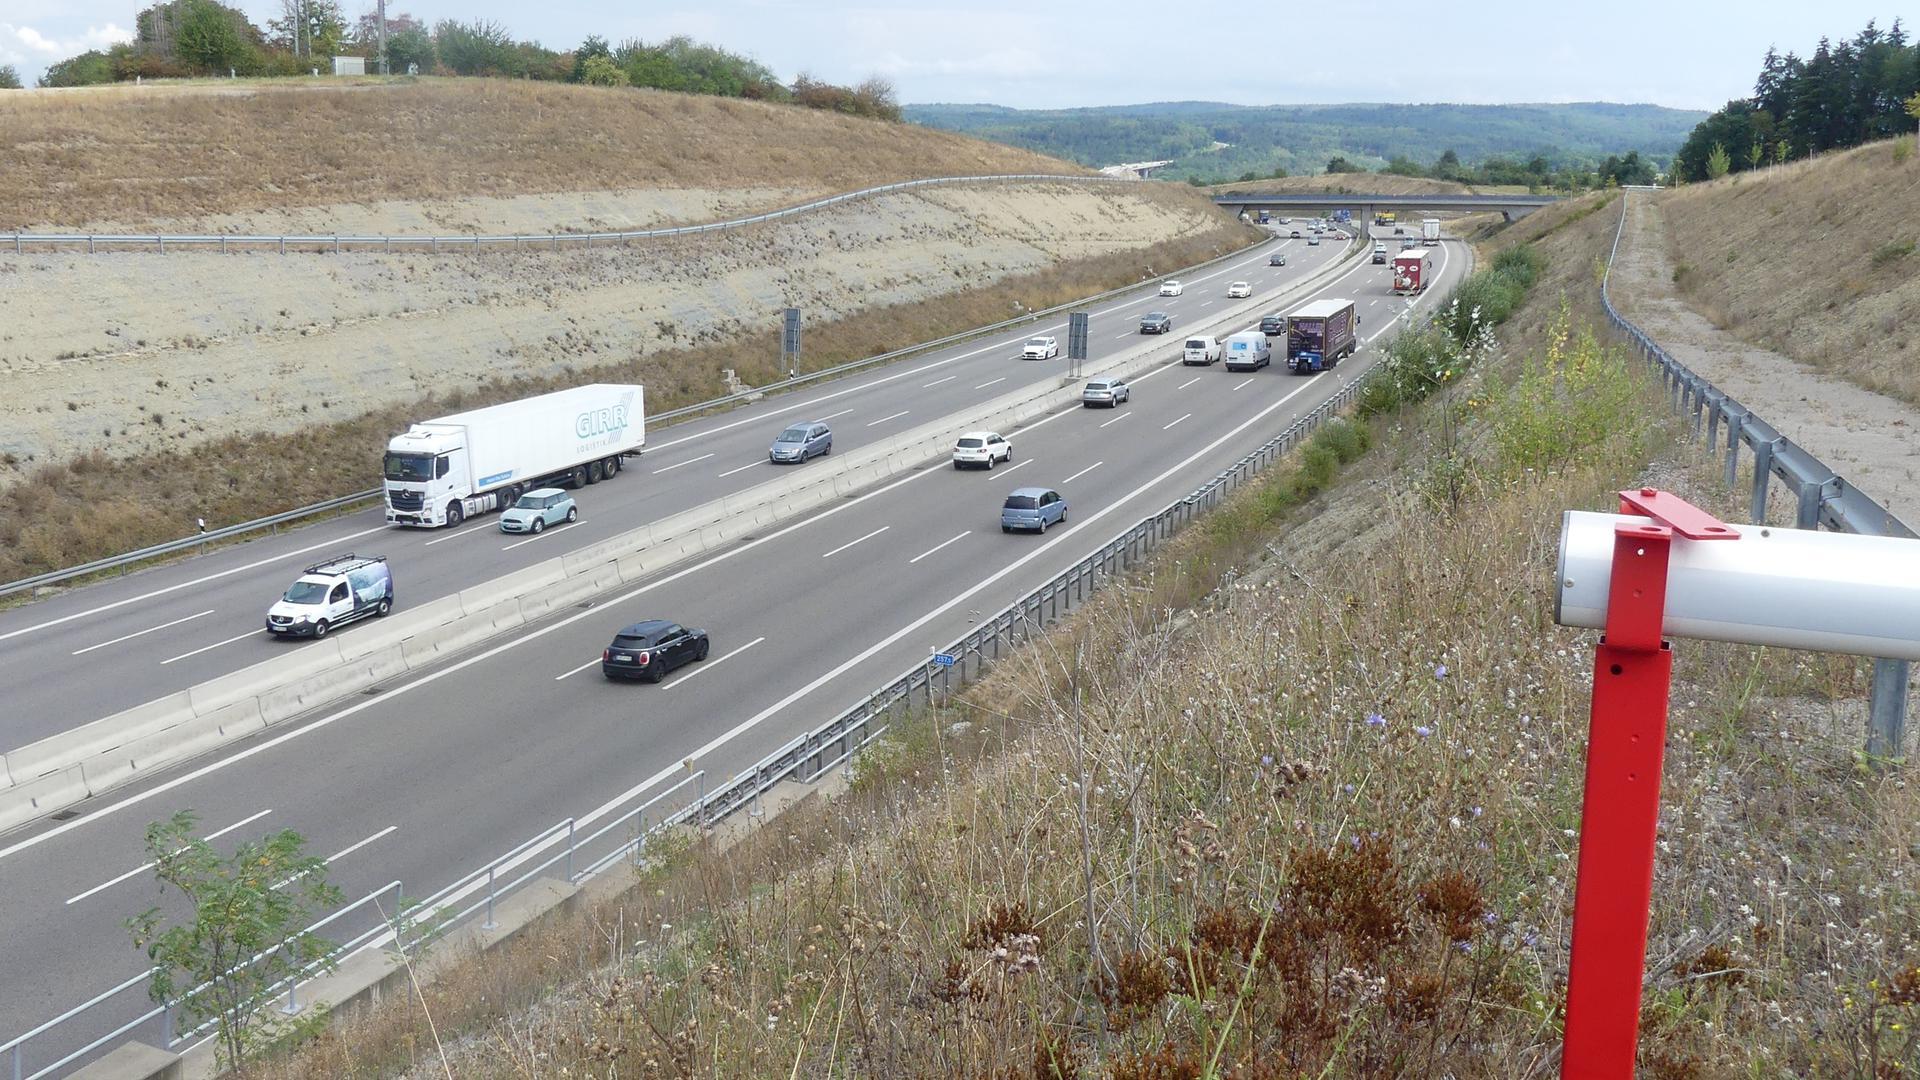 Eine Autobahn, auf der einige Autos fahren, links und rechts neben der Fahrbahn ist Grün.